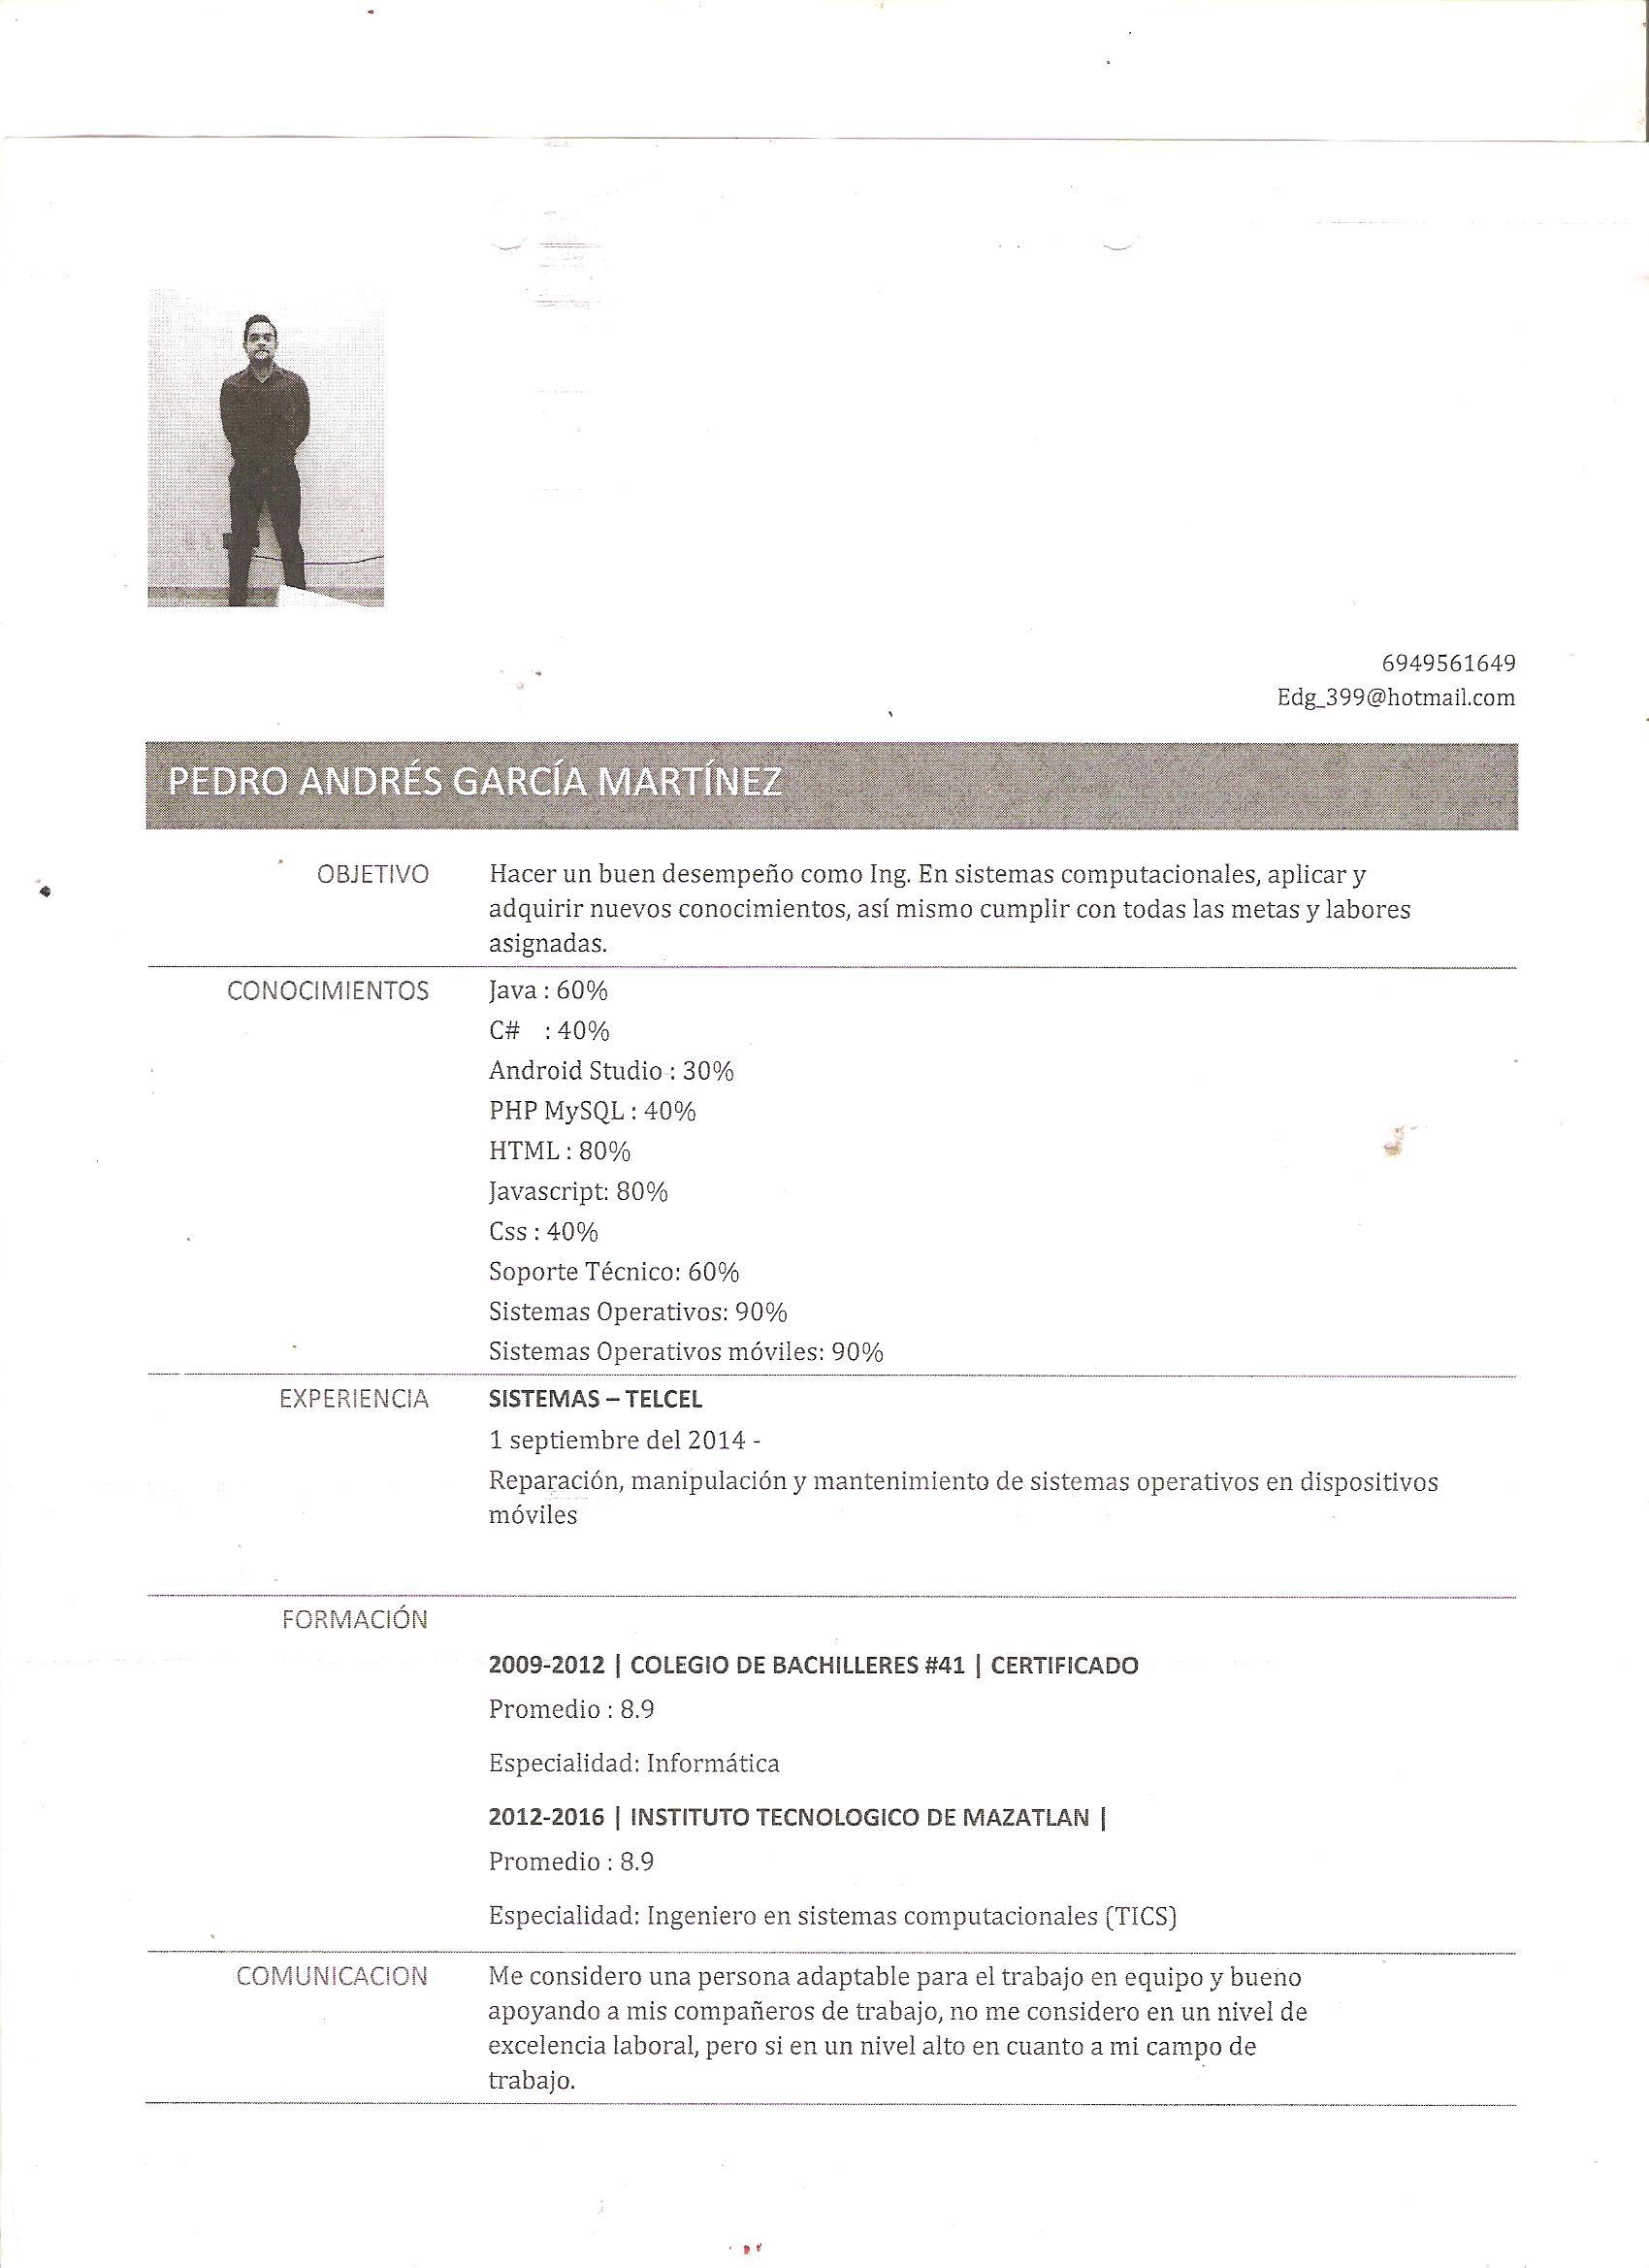 Index of /PLATAFORMA NACIONAL/curriculum vitae servidores publicos